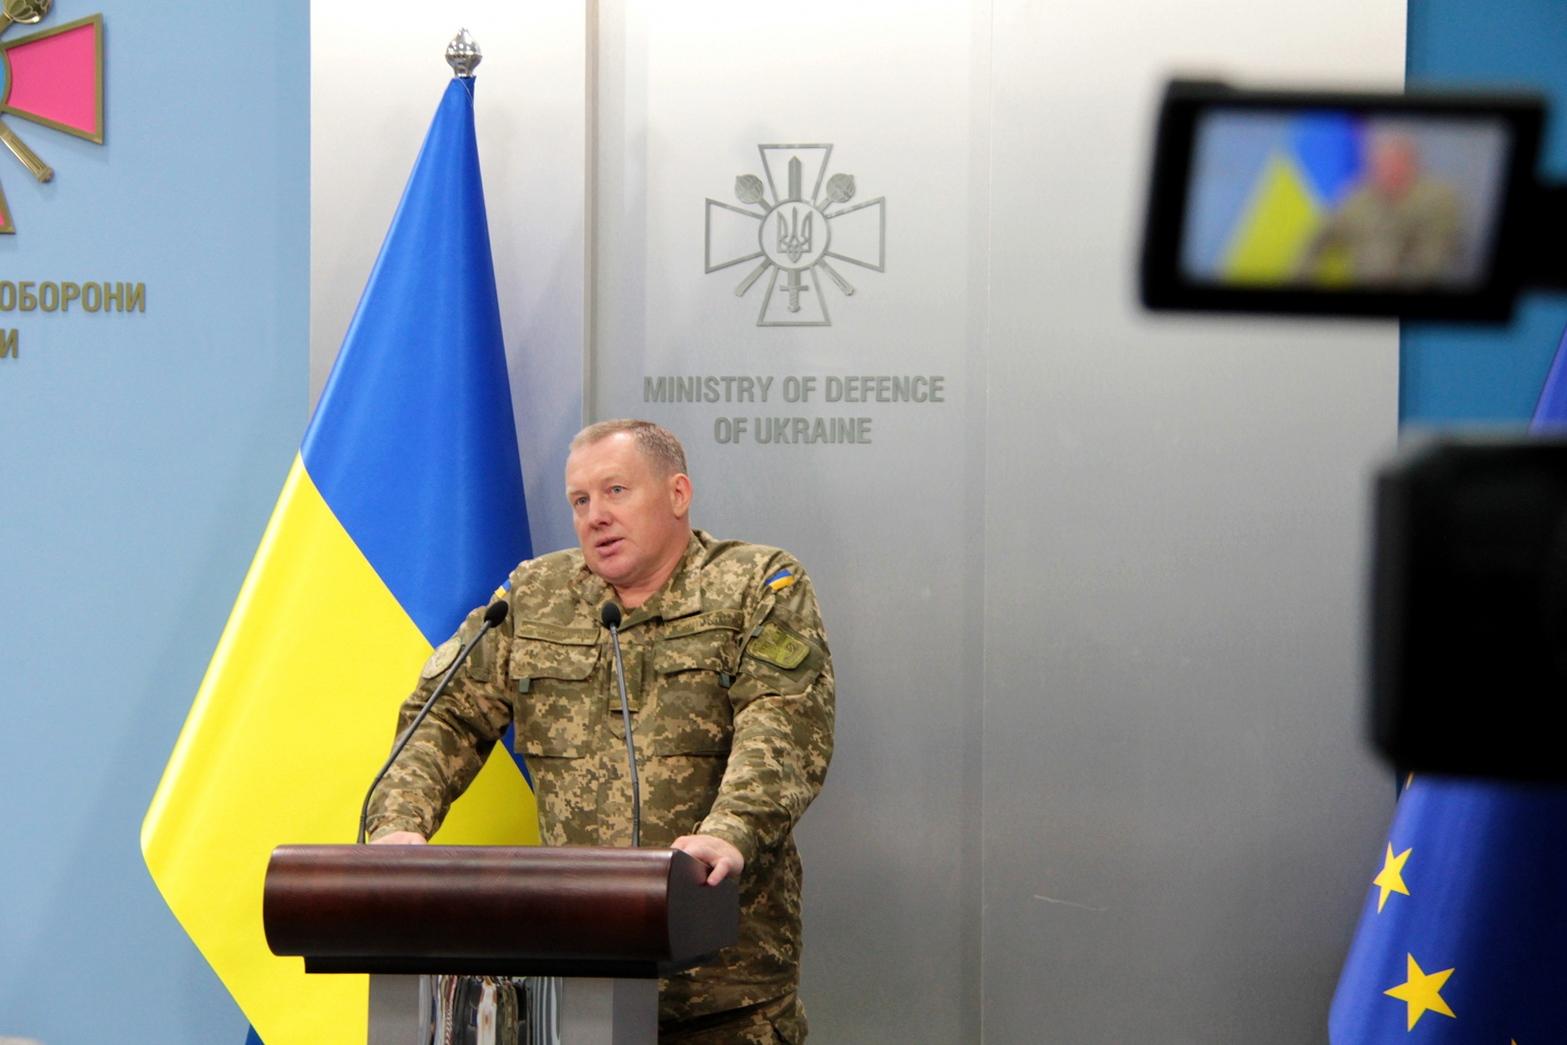 Змінено підходи до нарахування грошового забезпечення військовослужбовцям Збройних Сил України